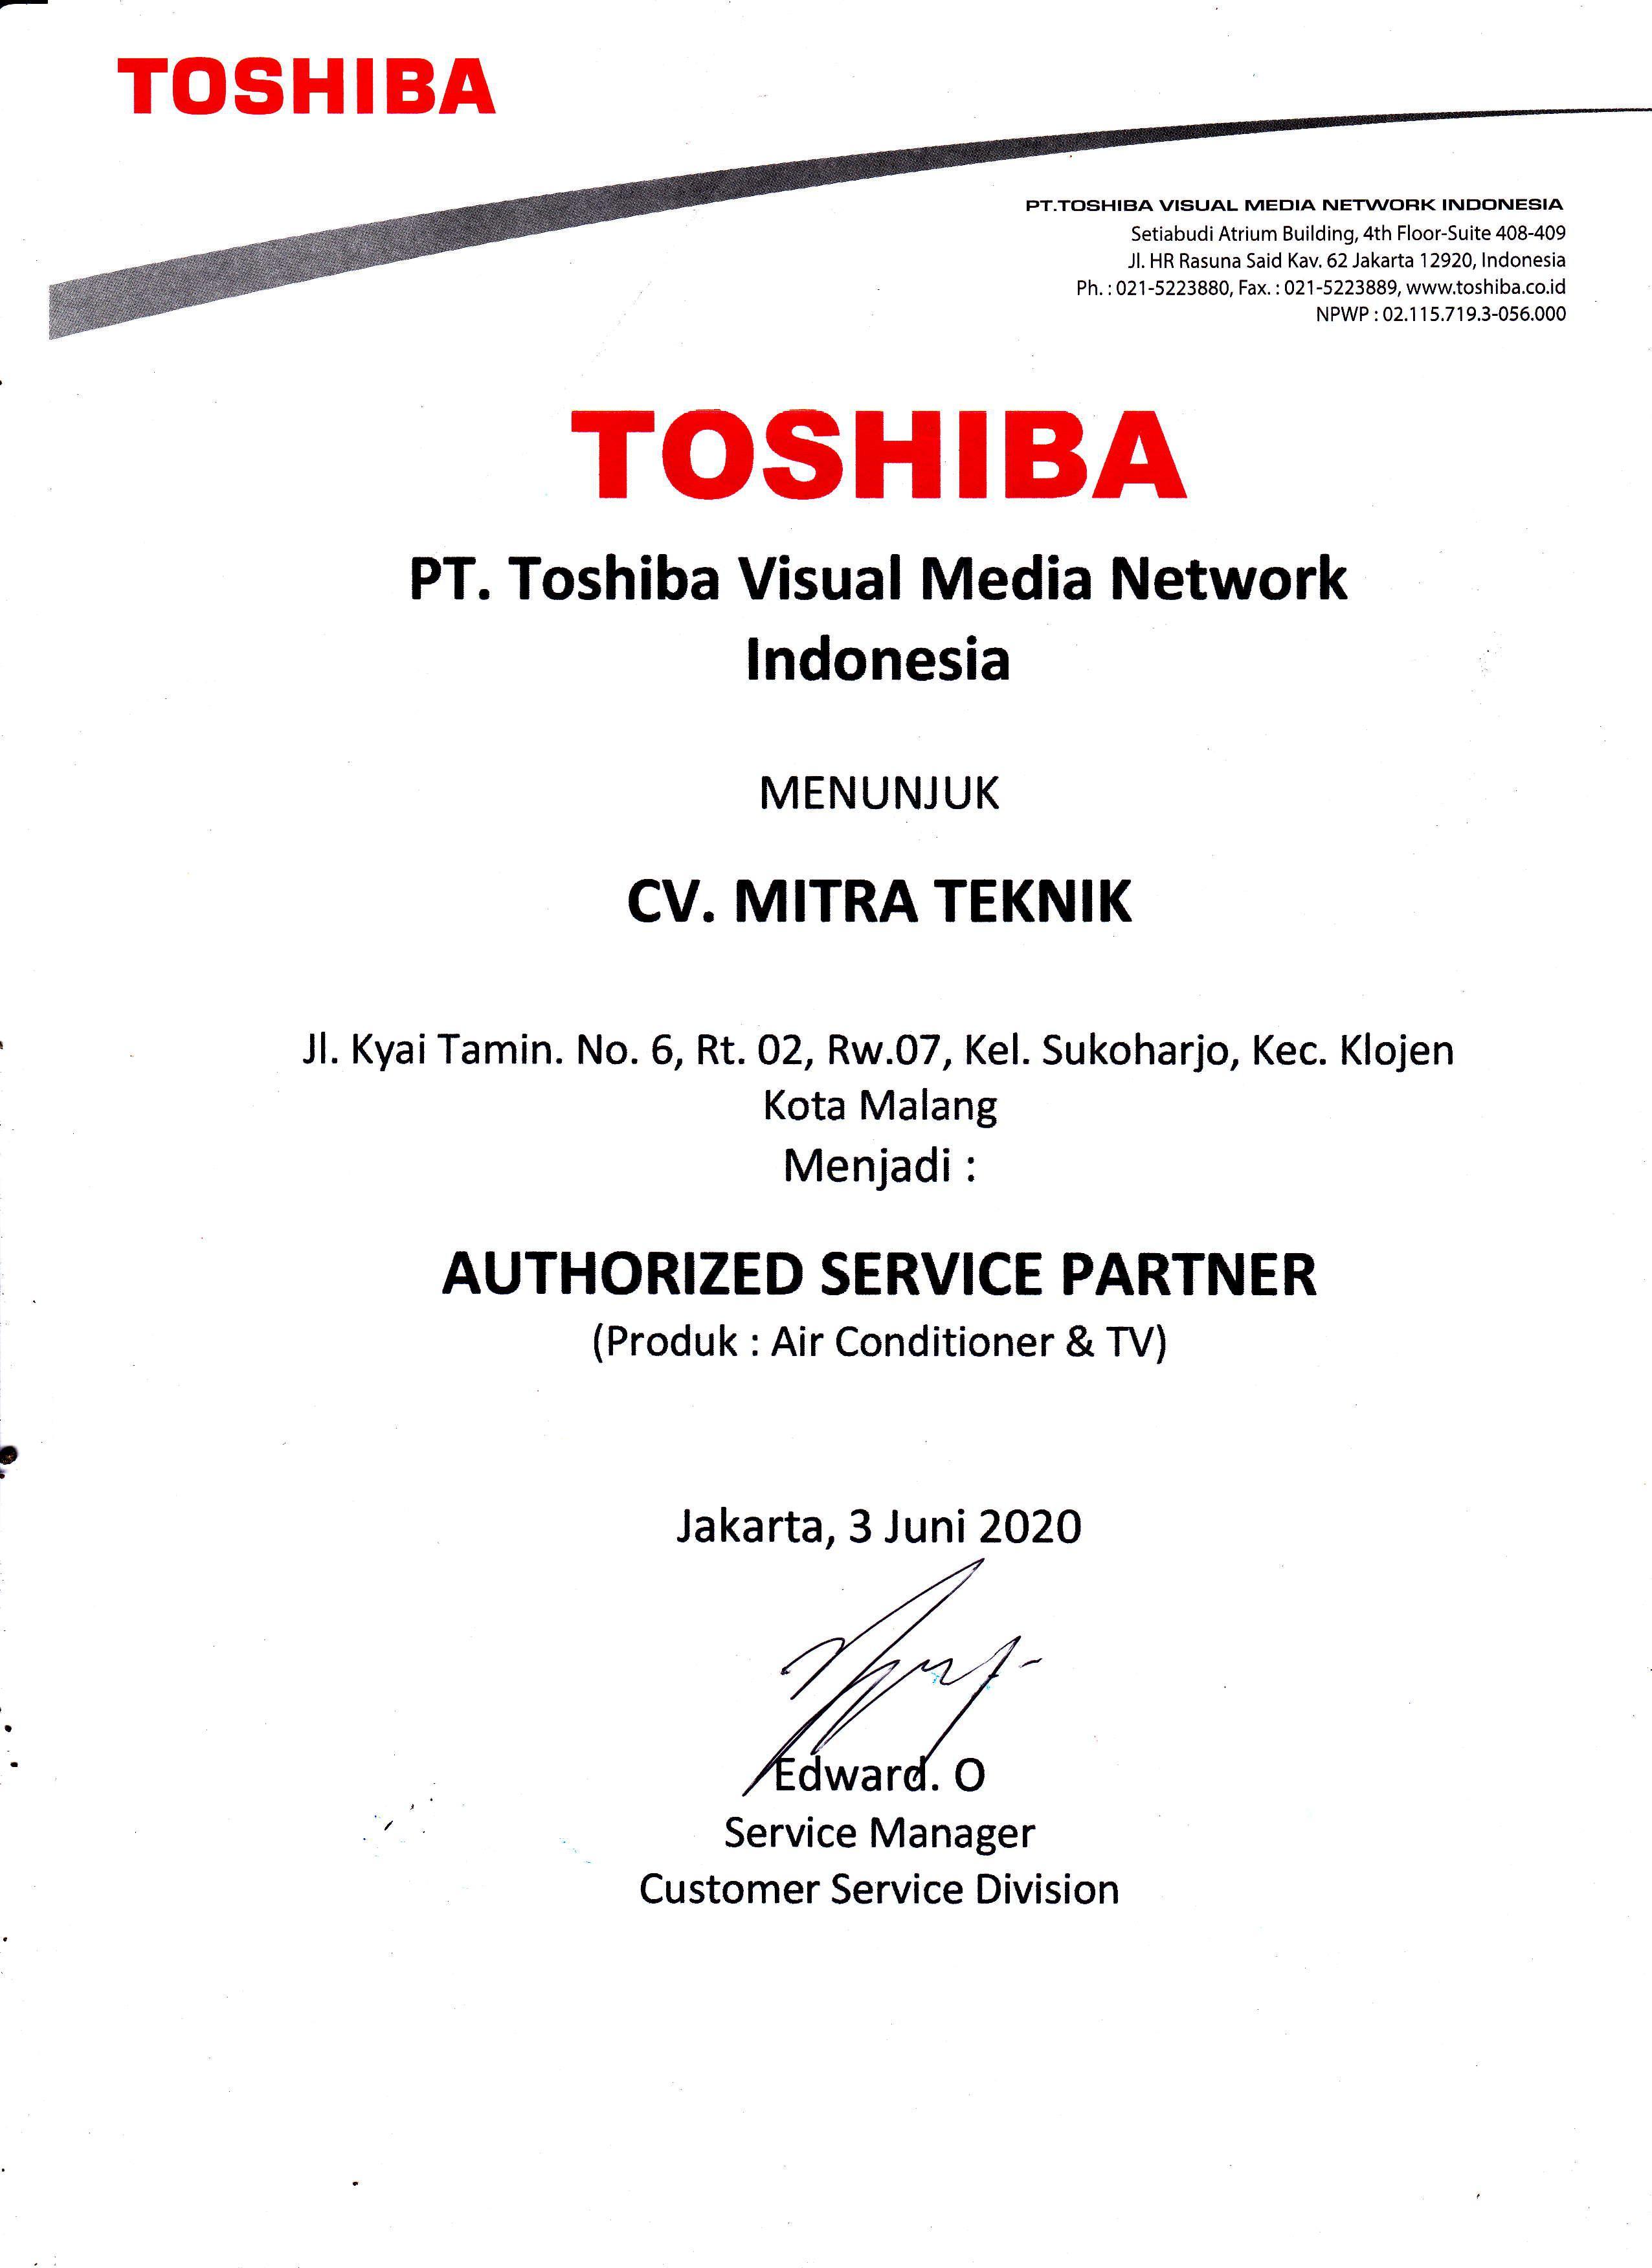 CV. Mitra Teknik